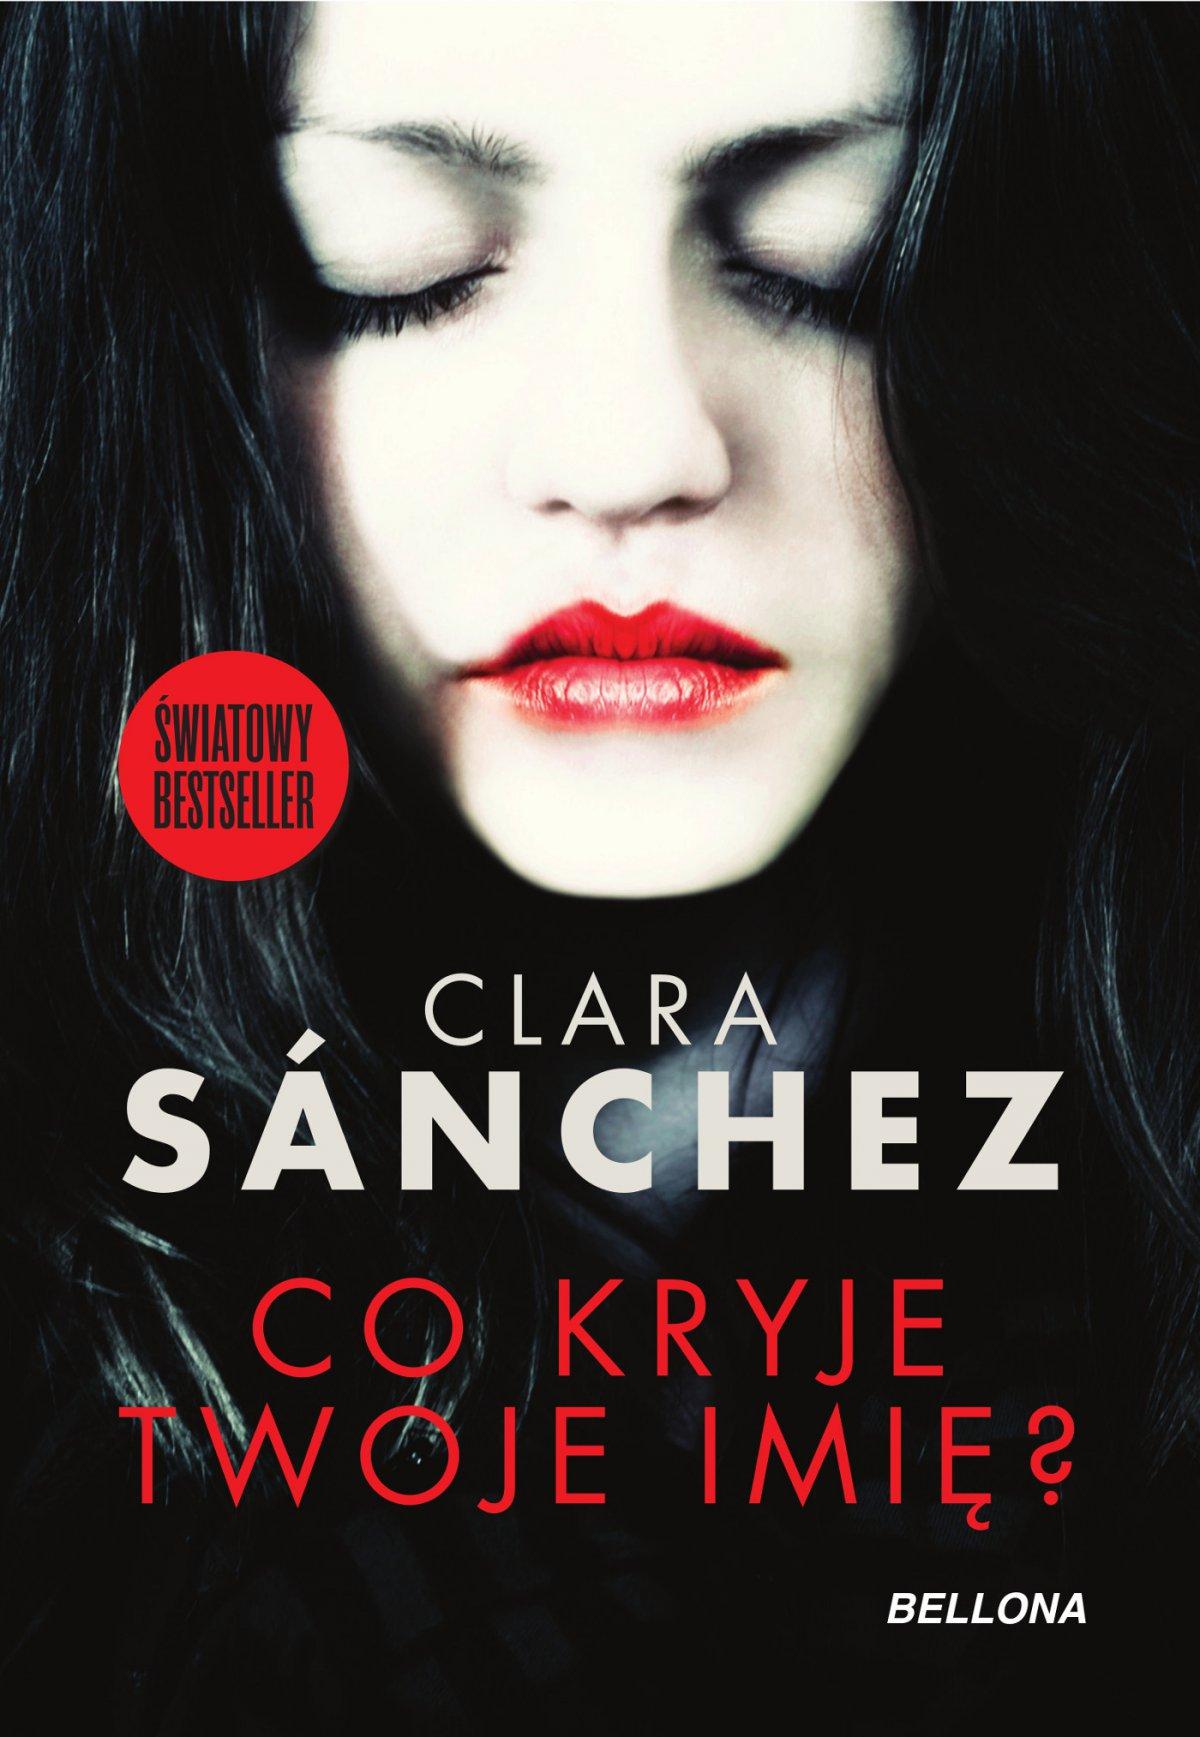 Co kryje twoje imię? - Clara Sanchez